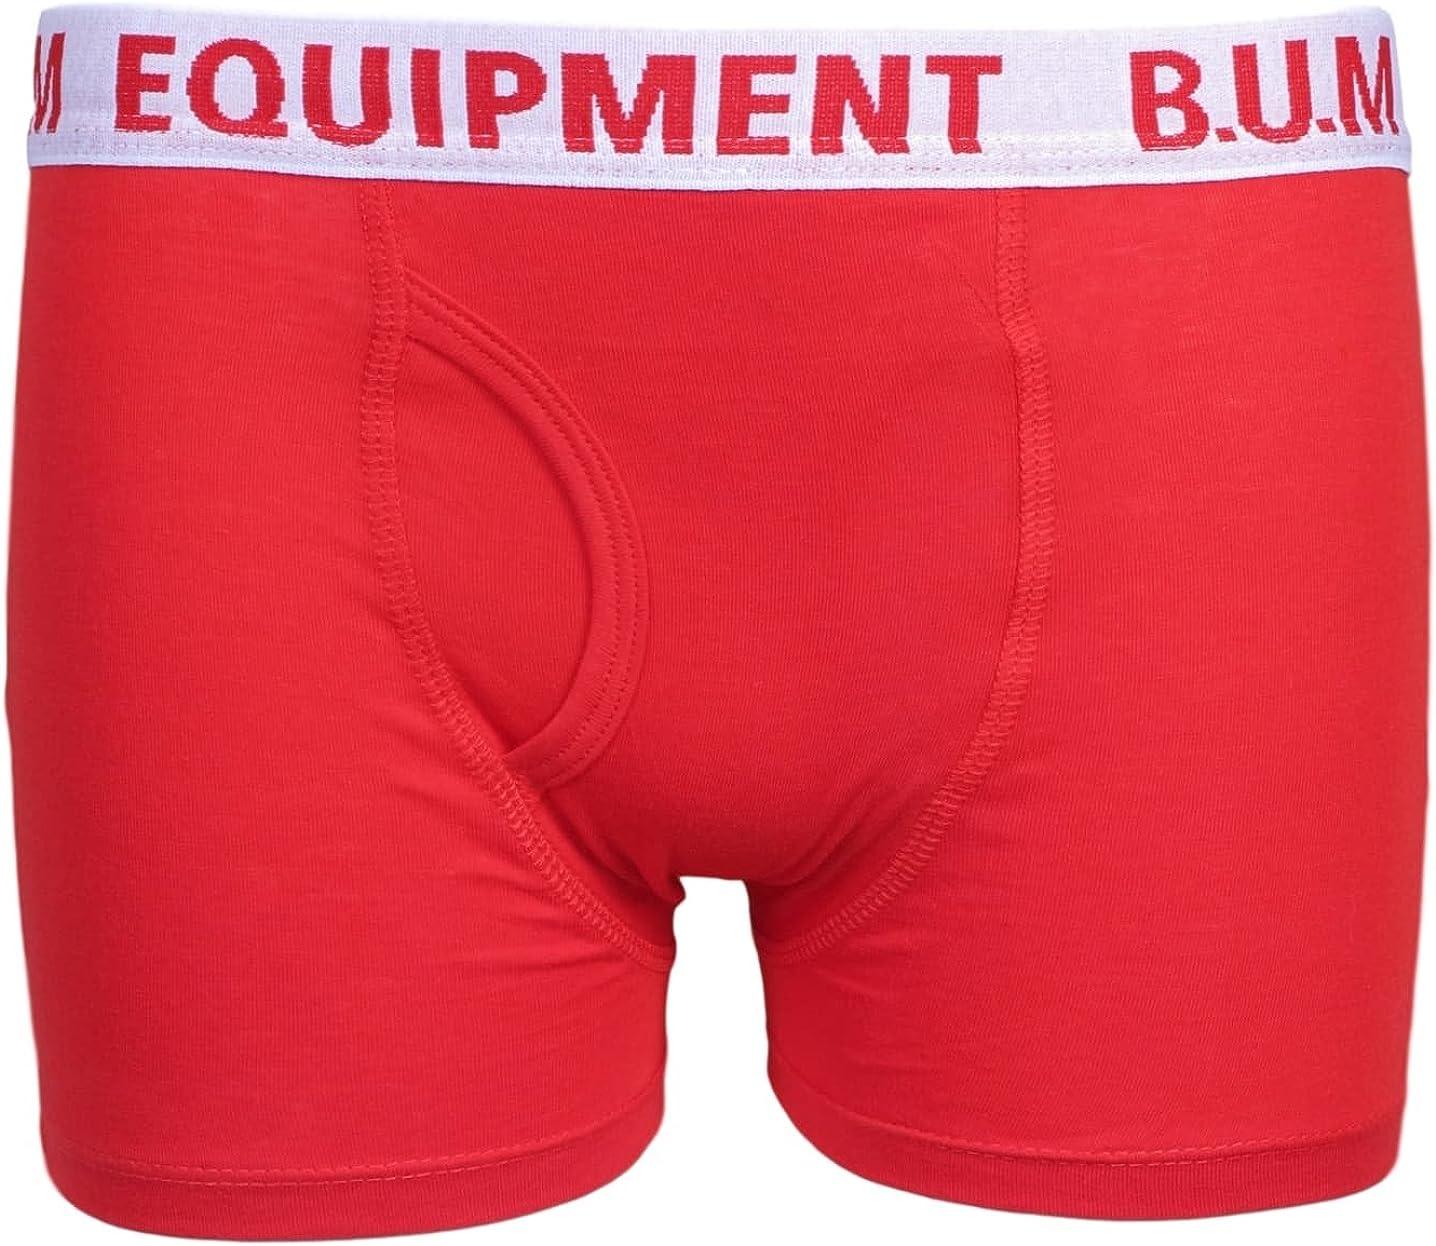 5 Pack Cotton Boxer Briefs Equipment Boys Underwear B.U.M